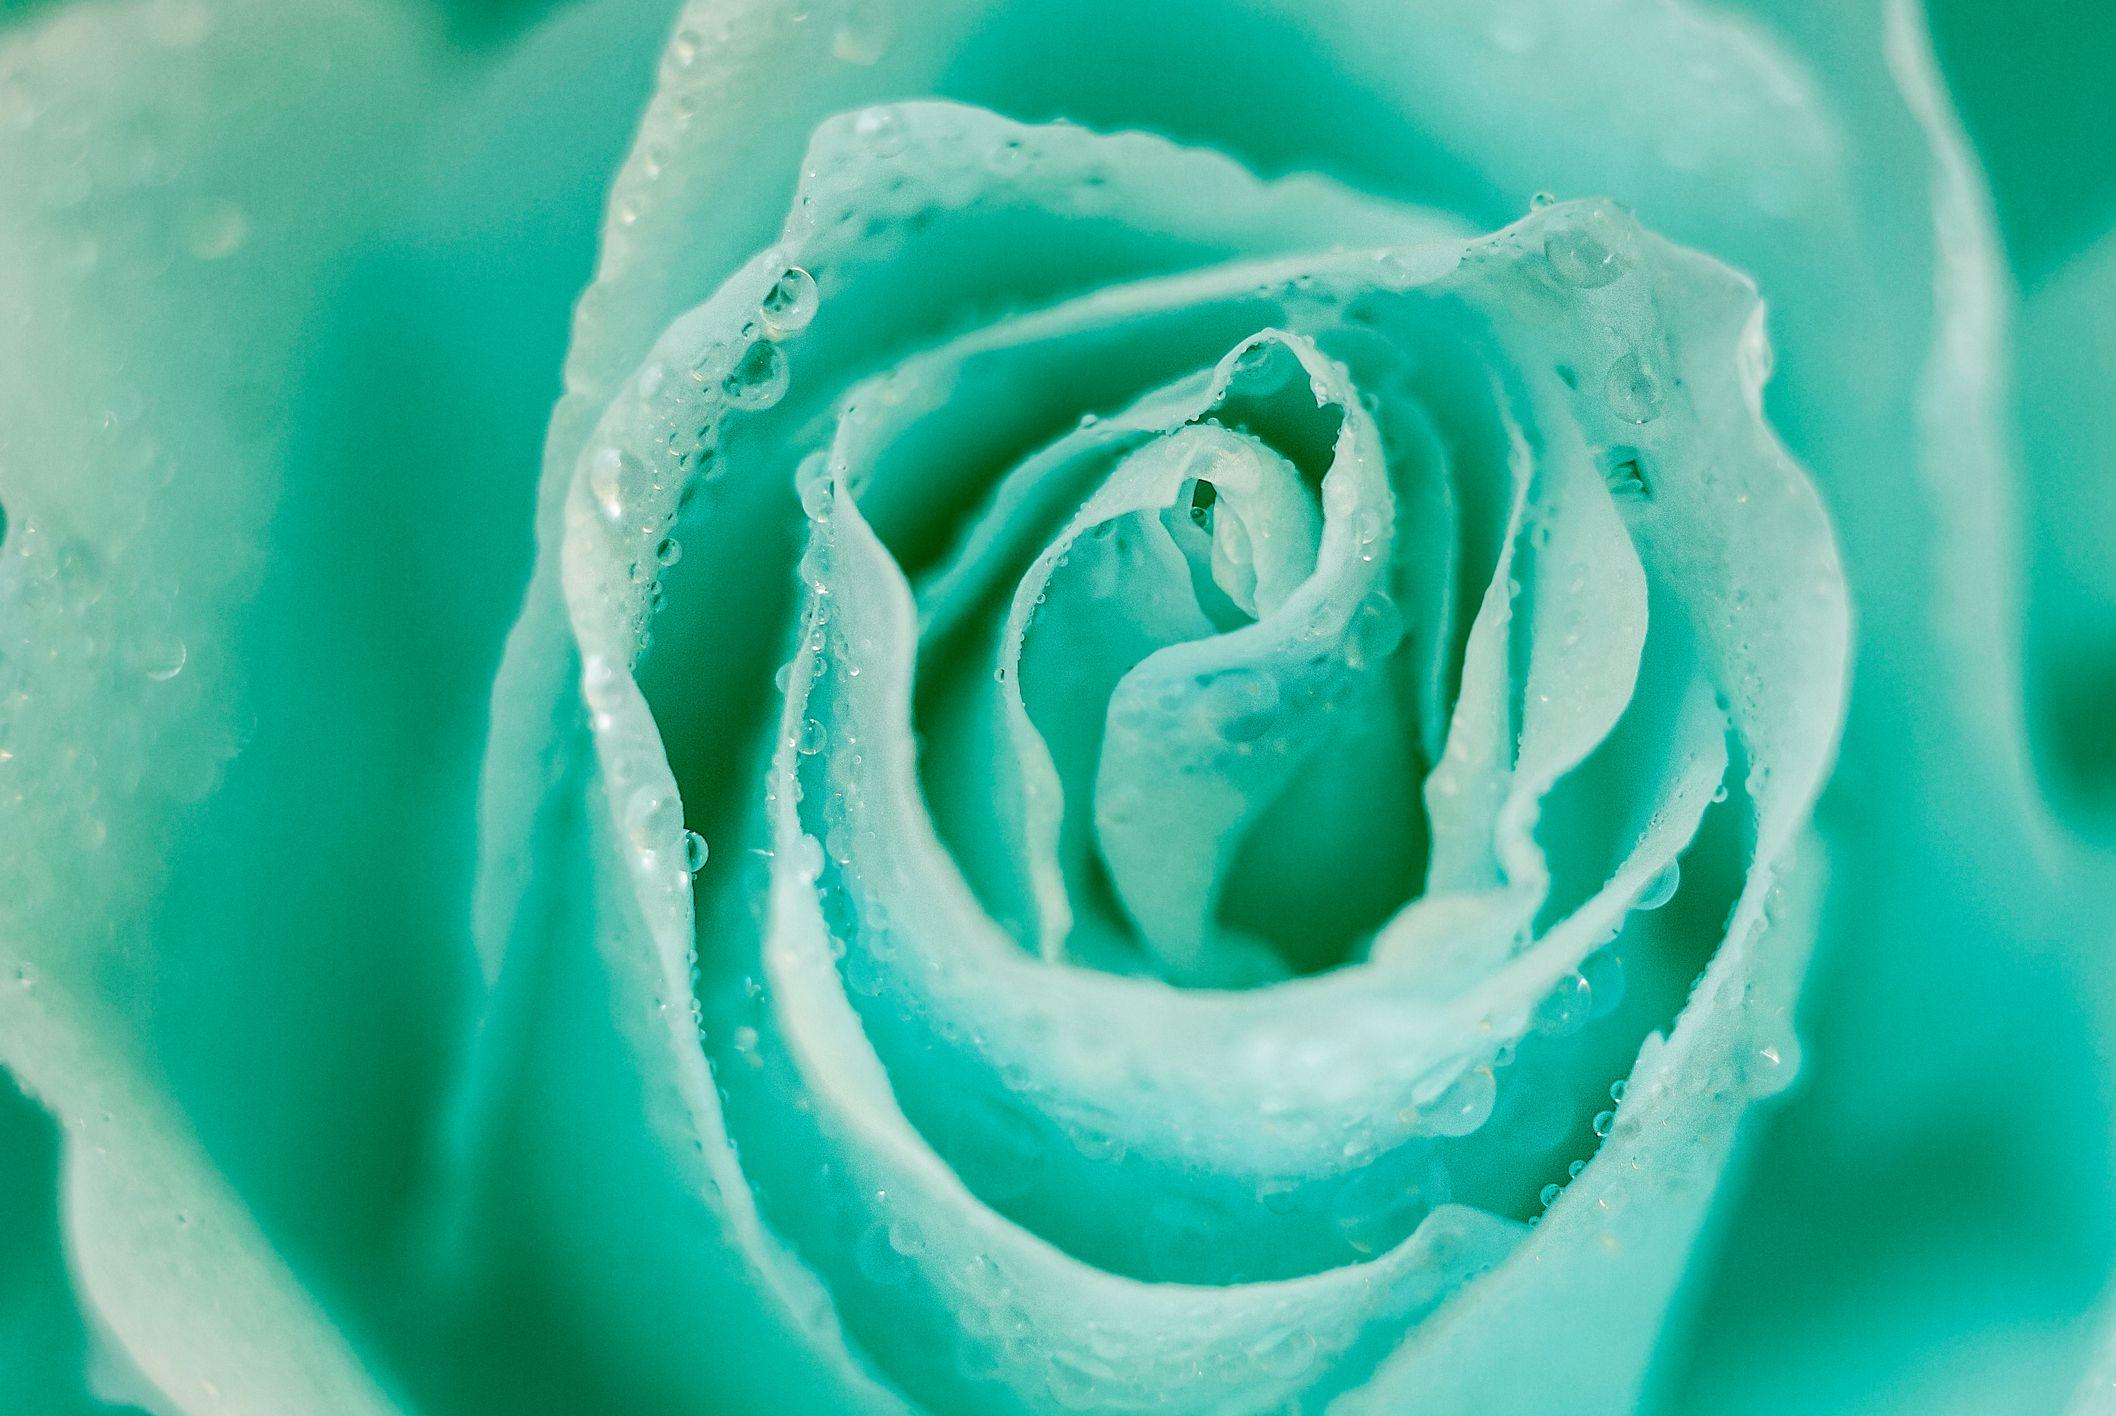 κοντινό πλάνο τριαντάφυλλο μέντας